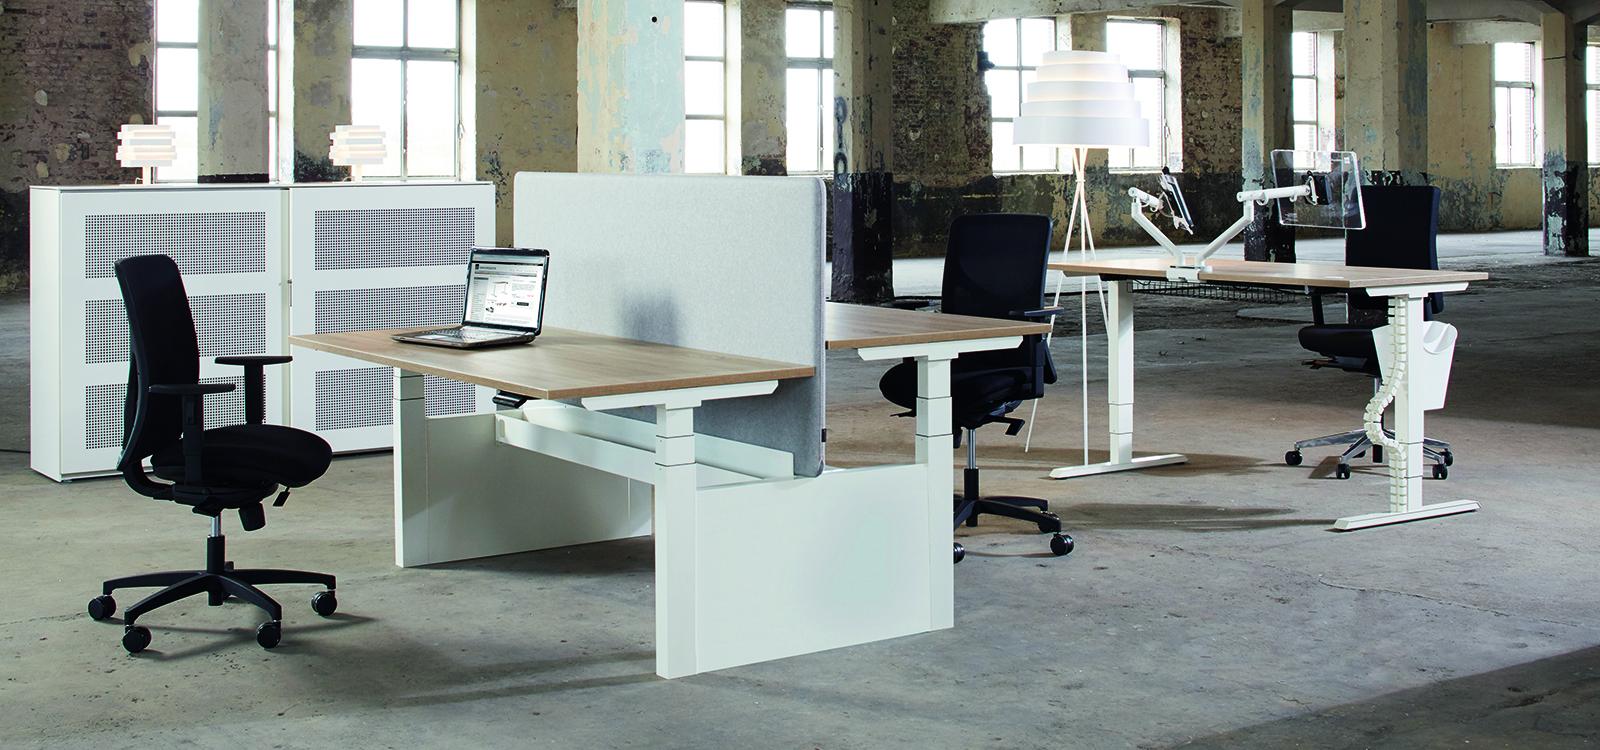 Bureaustoelen en vergaderstoelen kantoorstoelen for Kantoorstoelen